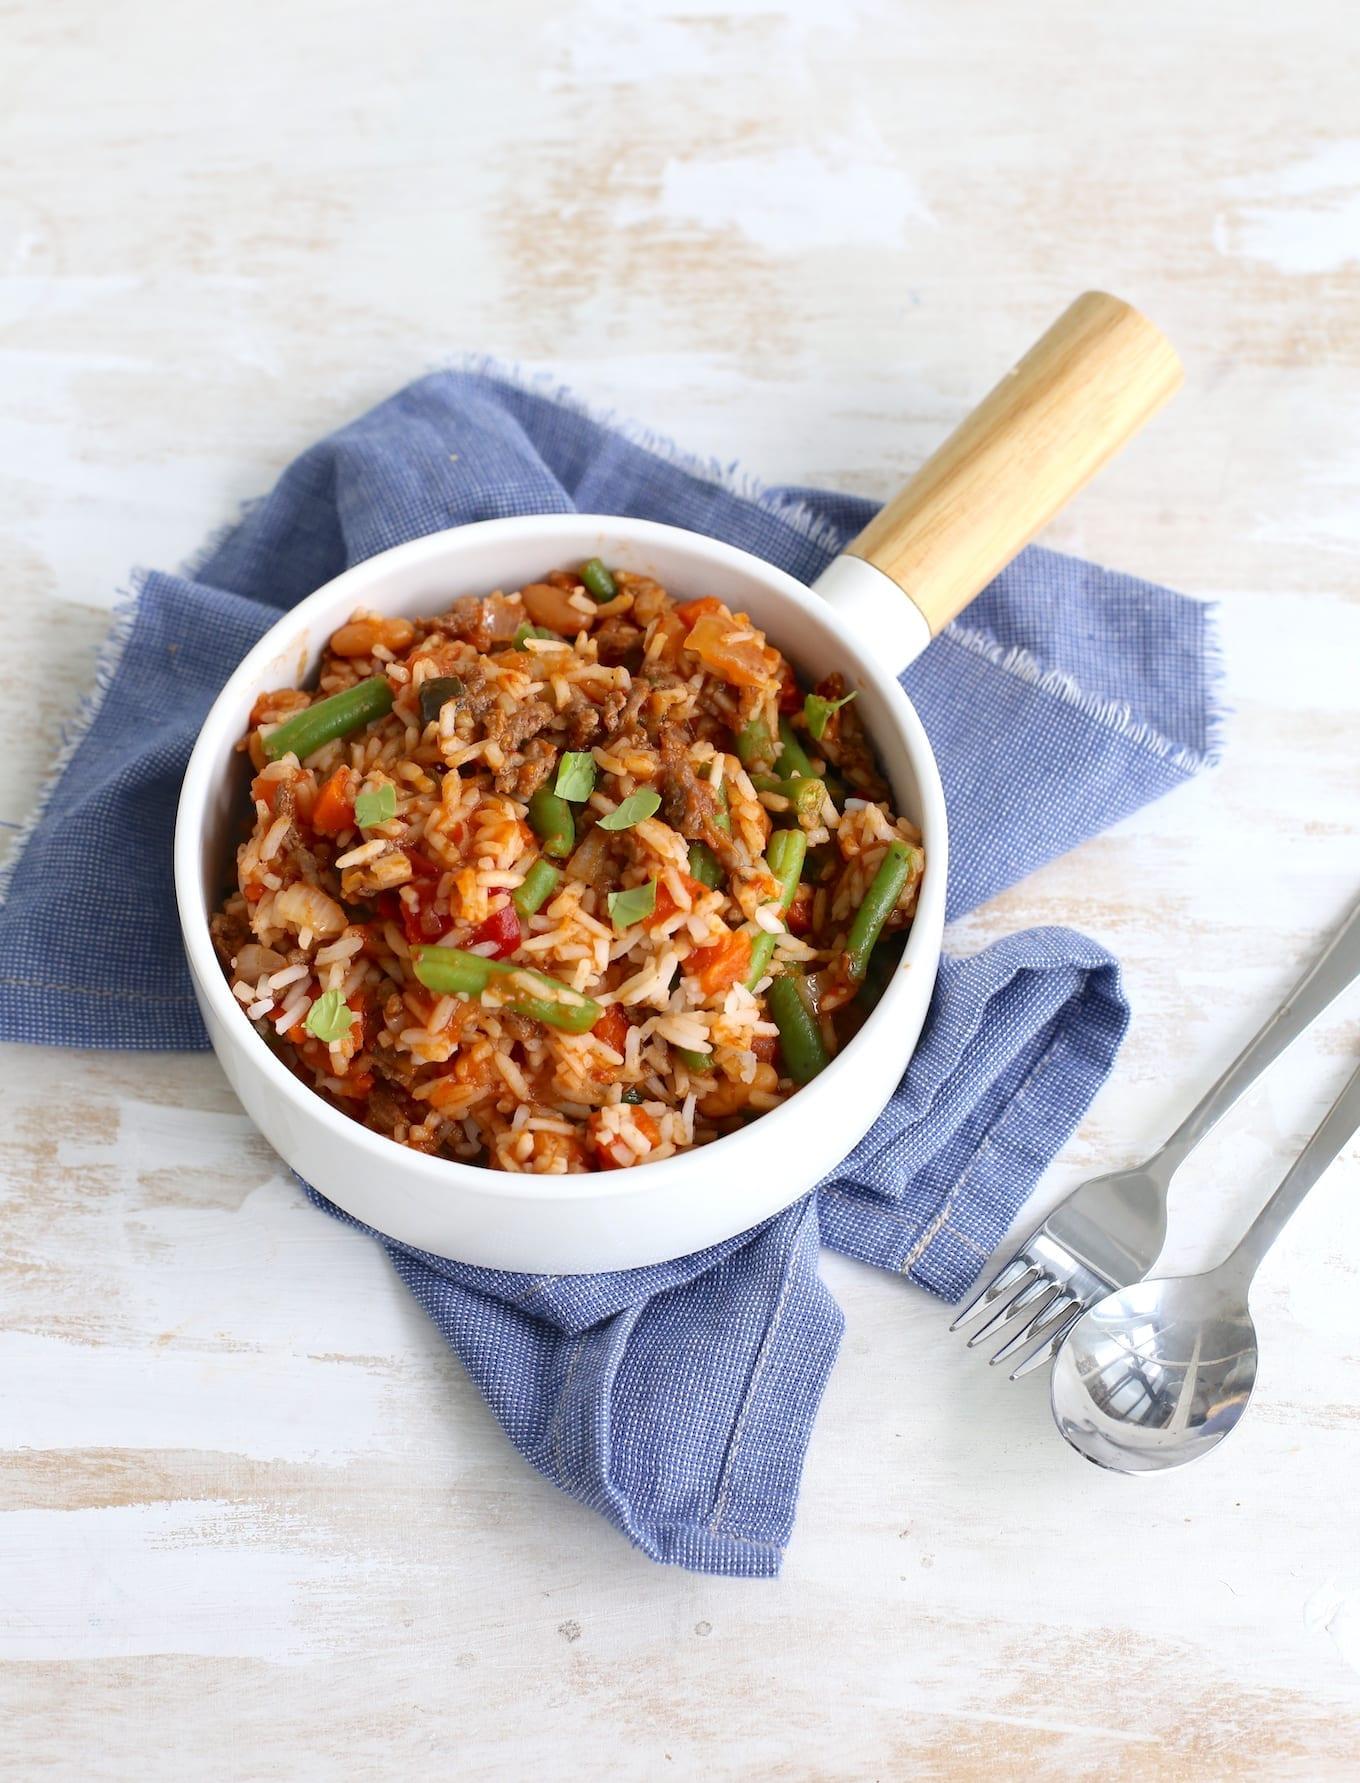 Rijstschotel met bonen en gehakt